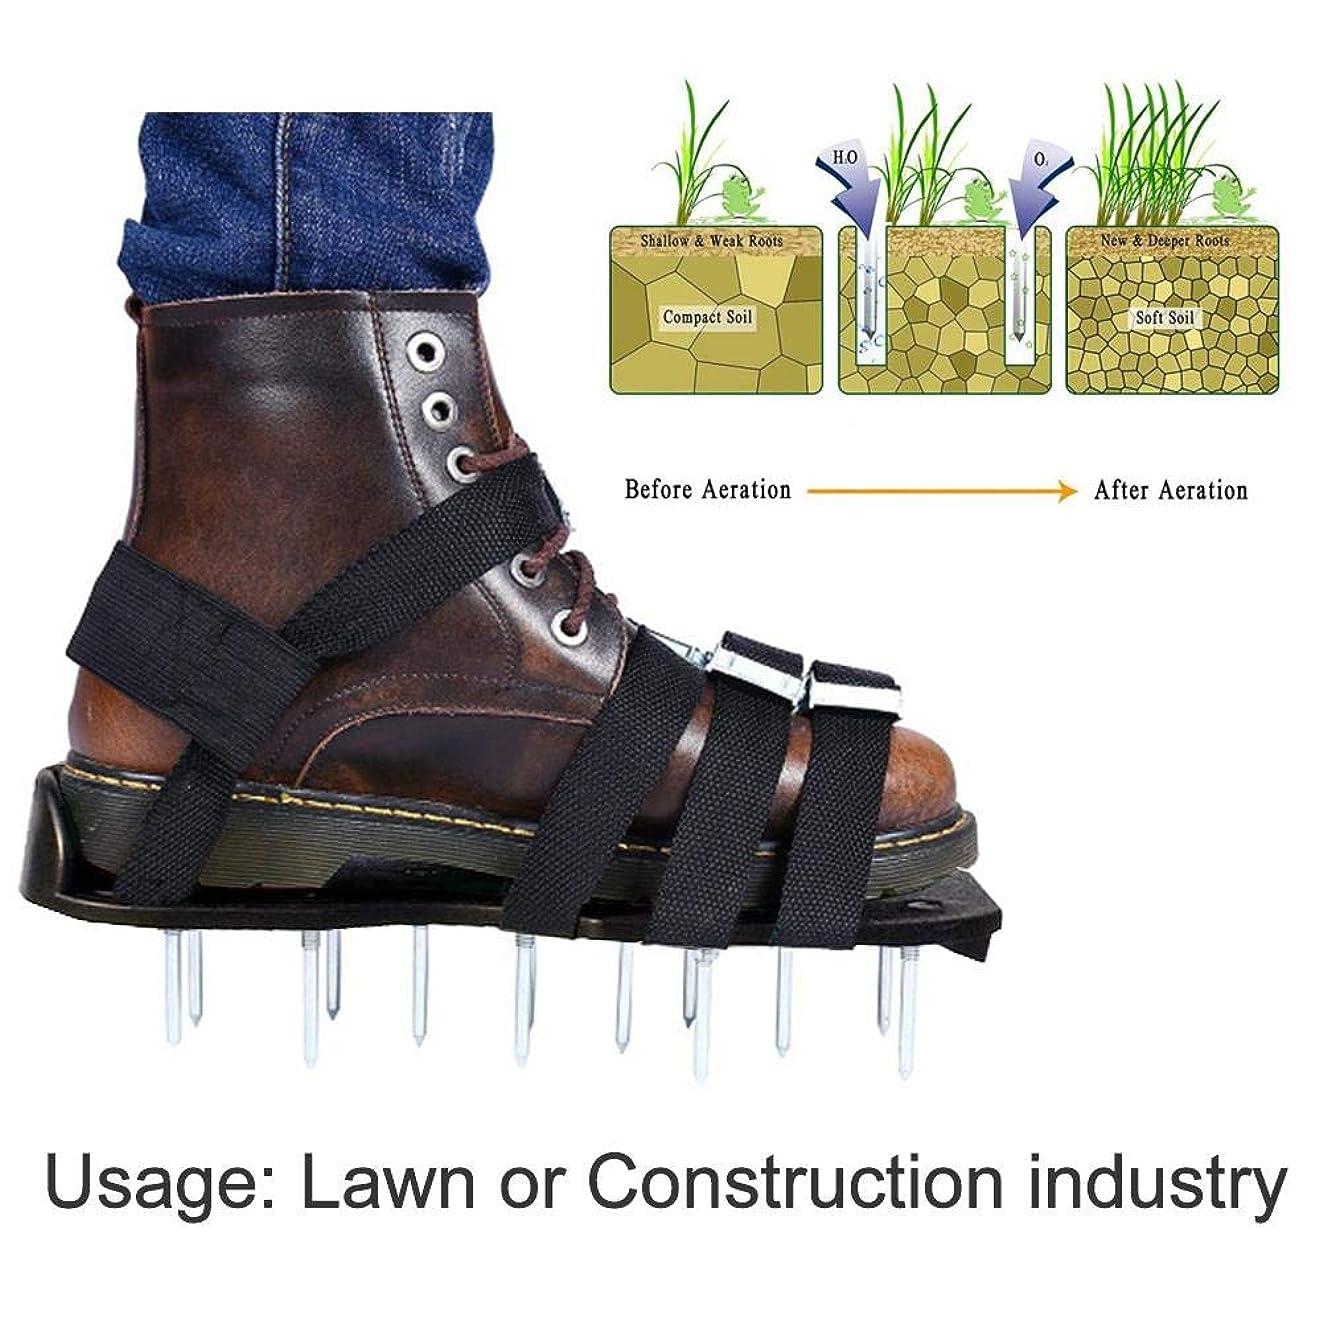 解明カート料理をするLicentury ガーデンスパイク 芝生スパイク 芝生穴あけ用 履くタイプ ガーデンスパイクシューズ 取り付け簡単 芝生通風 農業用